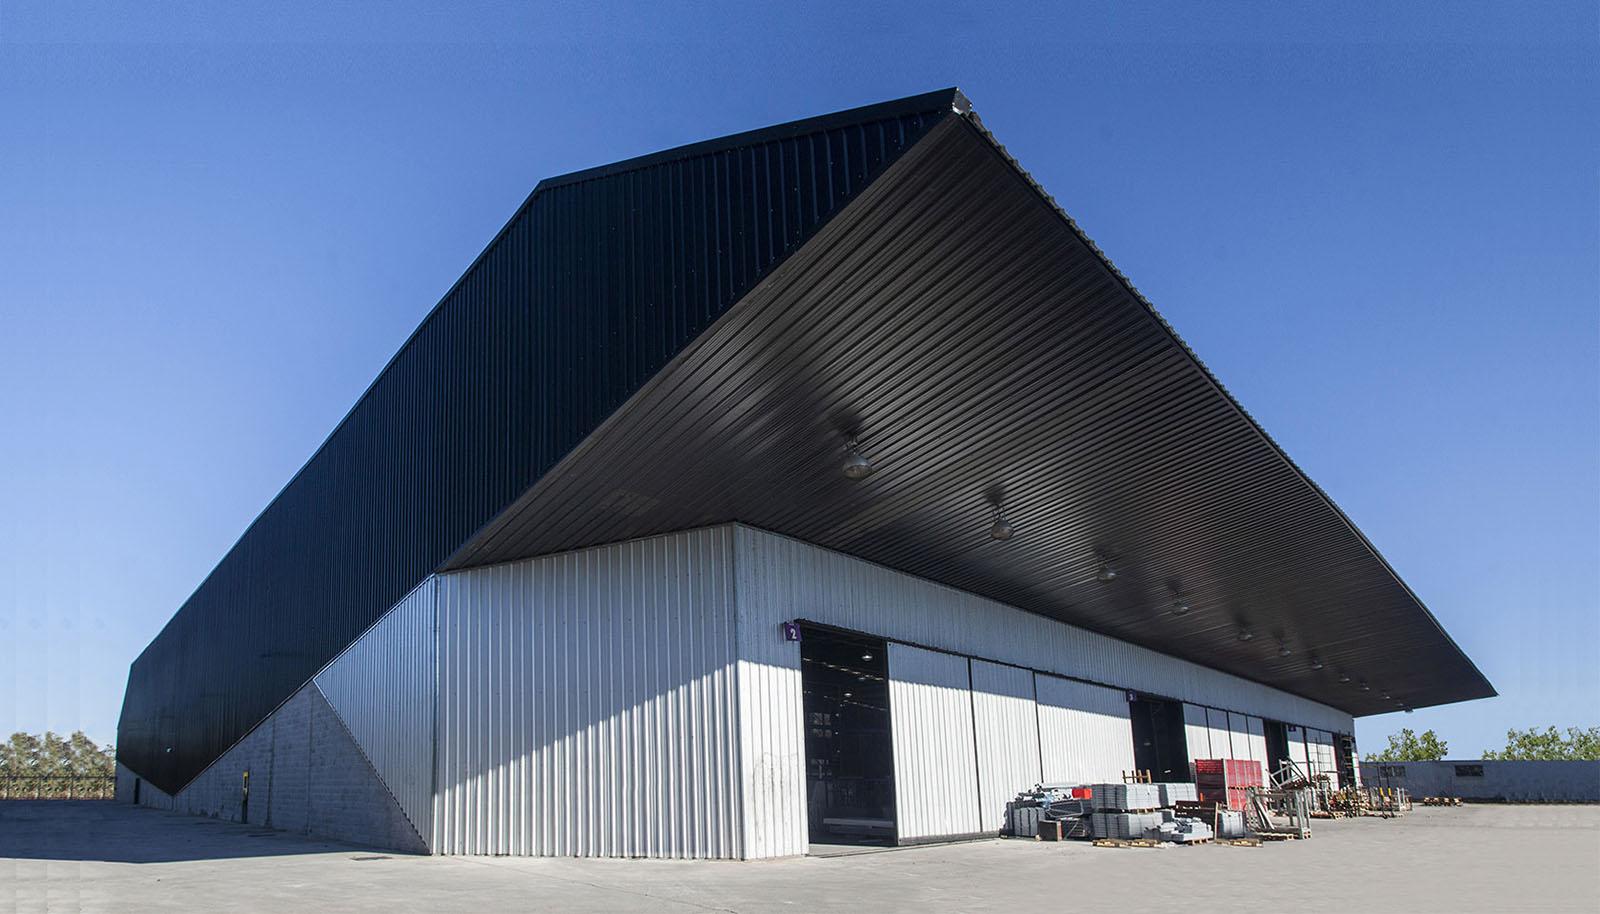 Foto contra frente fabrica arquitectura contemporánea industrial, cubierta de chapa, voladizo.